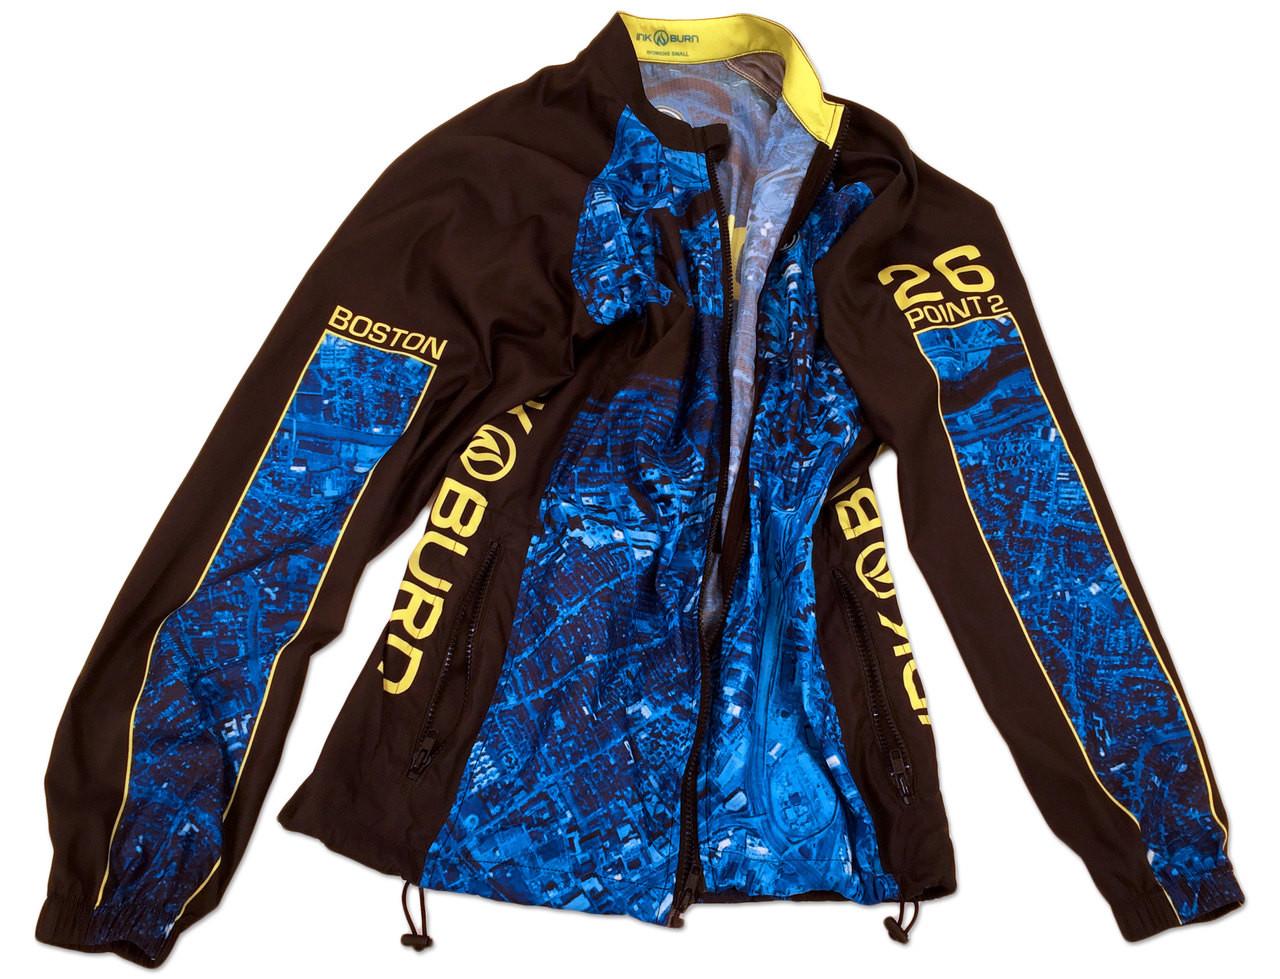 Women's 2015 Boston Windbreaker Jacket